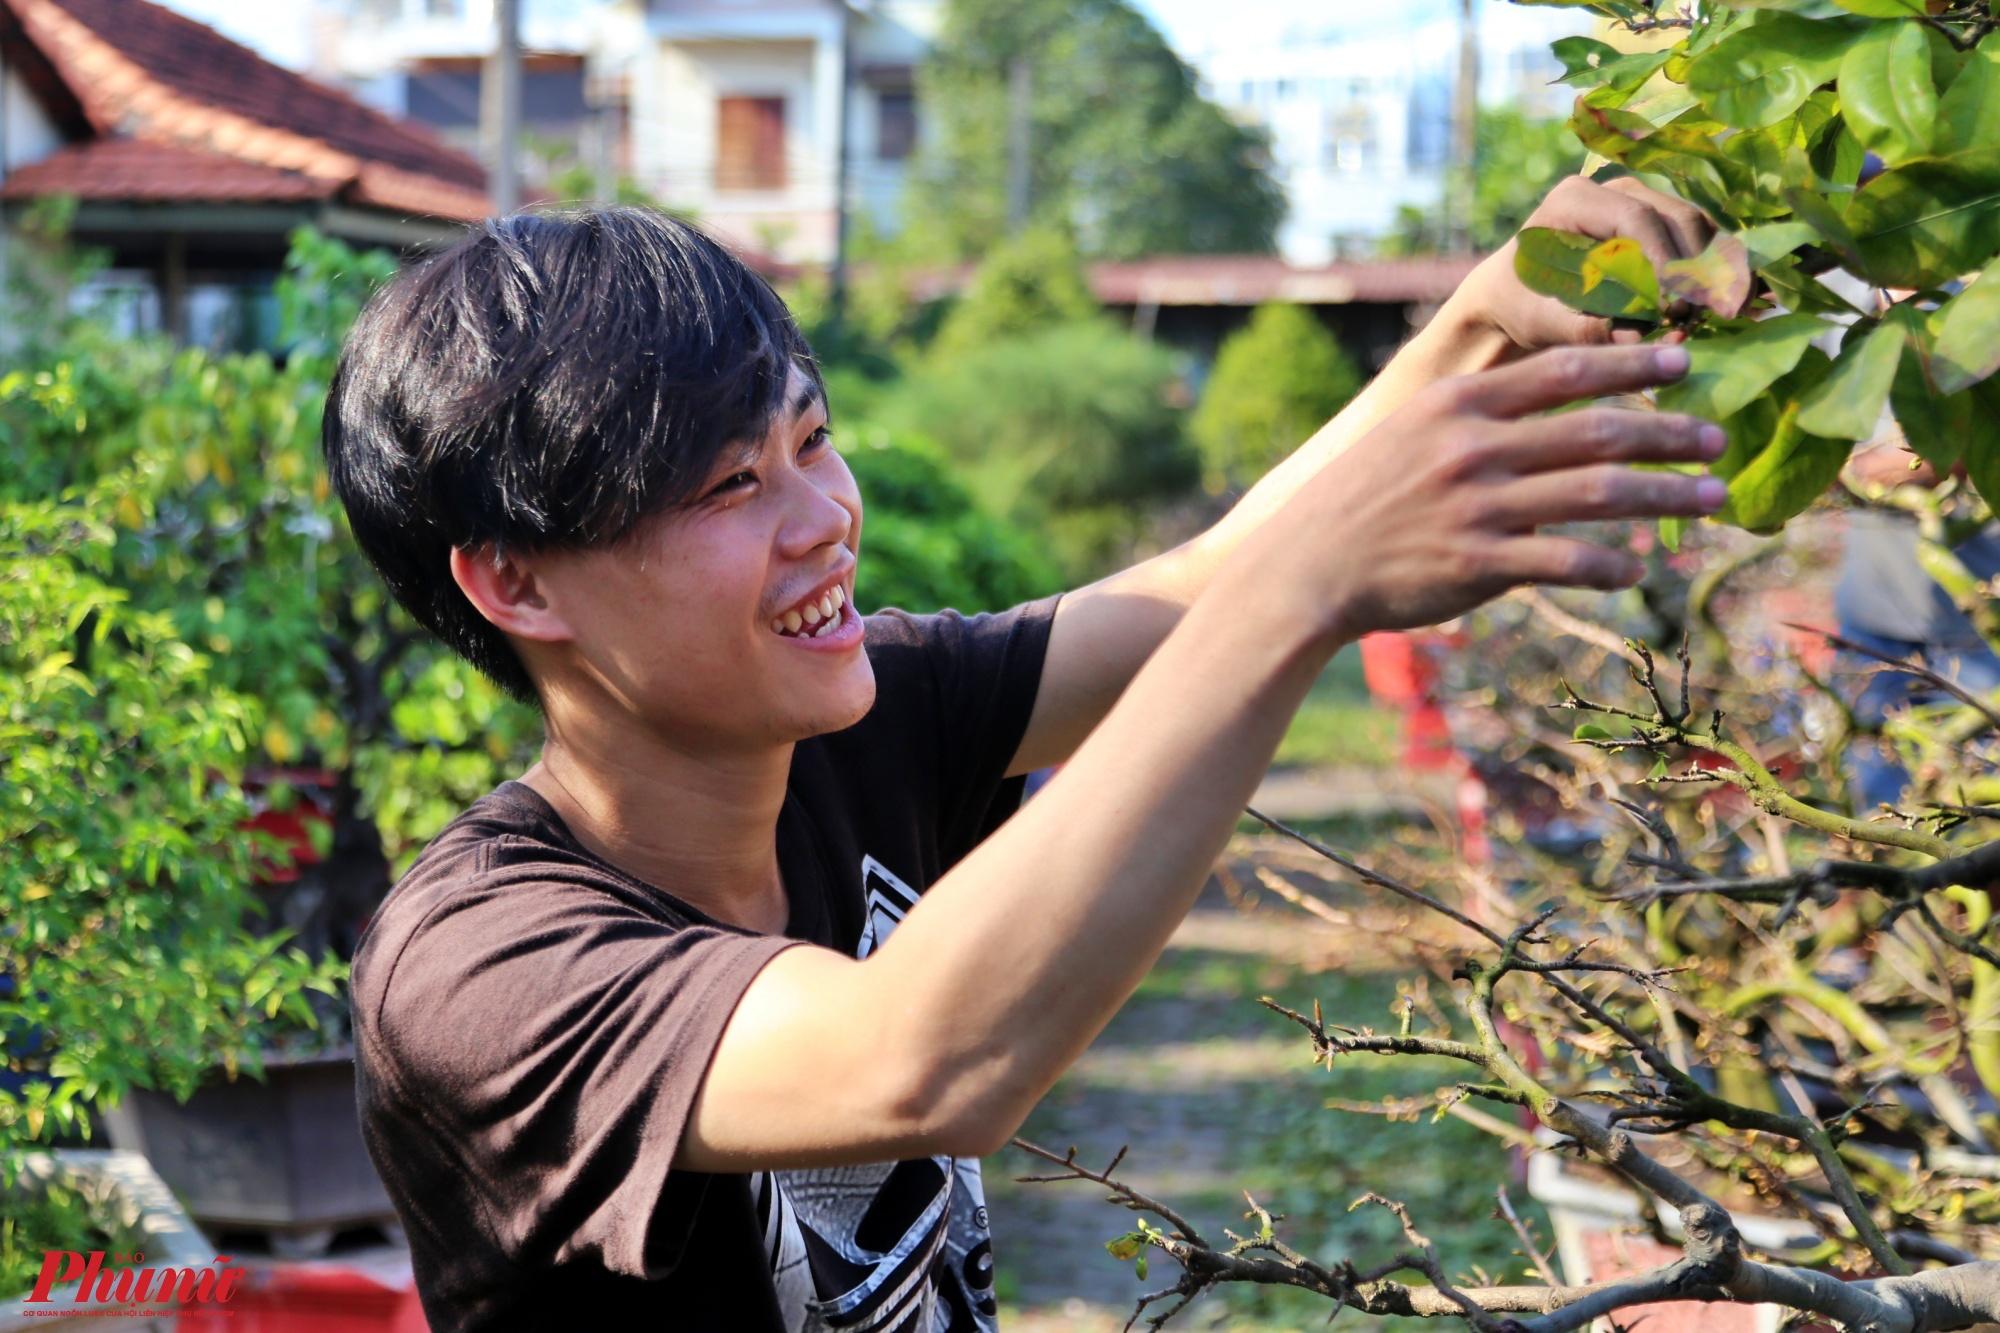 Theo anh Nguyễn Văn Tý, cho biết: Theo yêu cầu của chủ vườn, nhân công phải làm việc từ 6g sáng đến 18g chiều, lặt lá mai đòi hỏi khéo tay và tỉ mỉ.